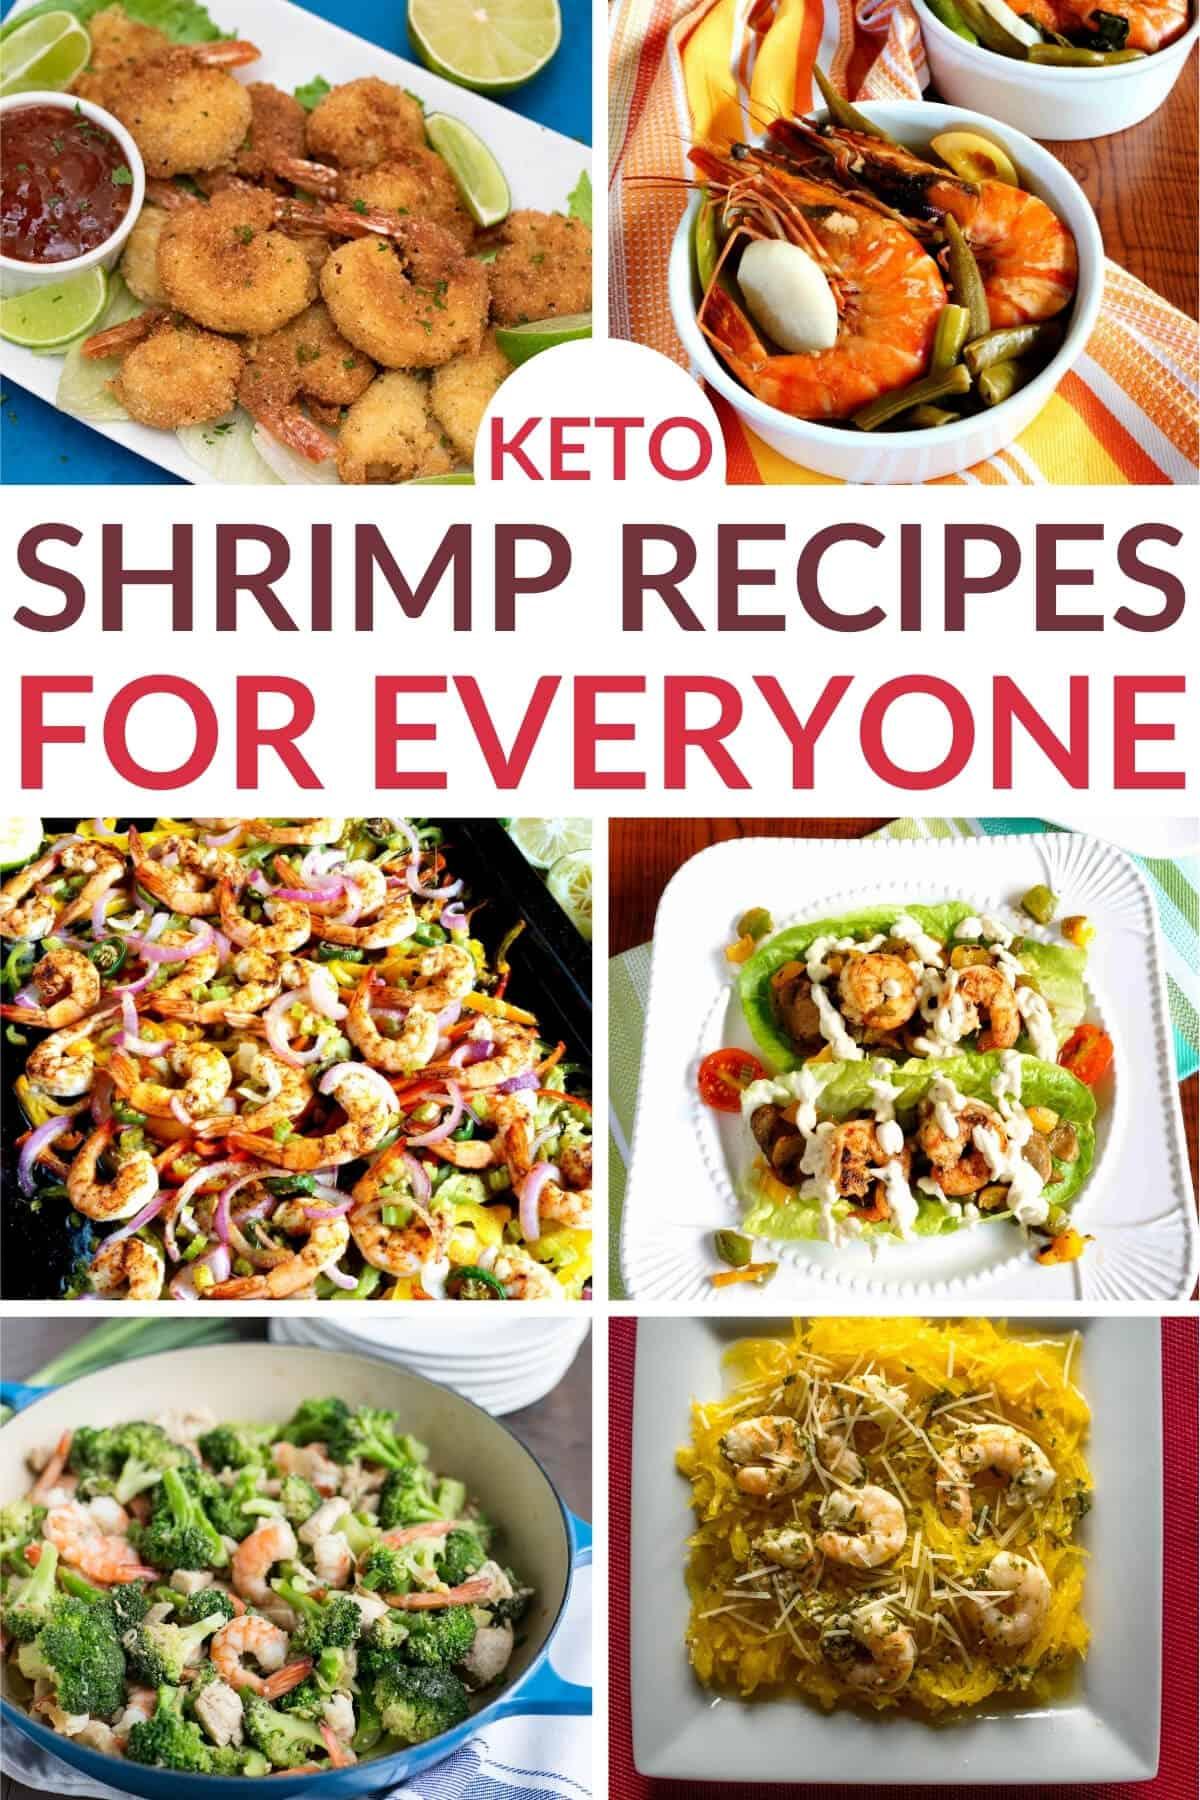 keto shrimp recipes cover image